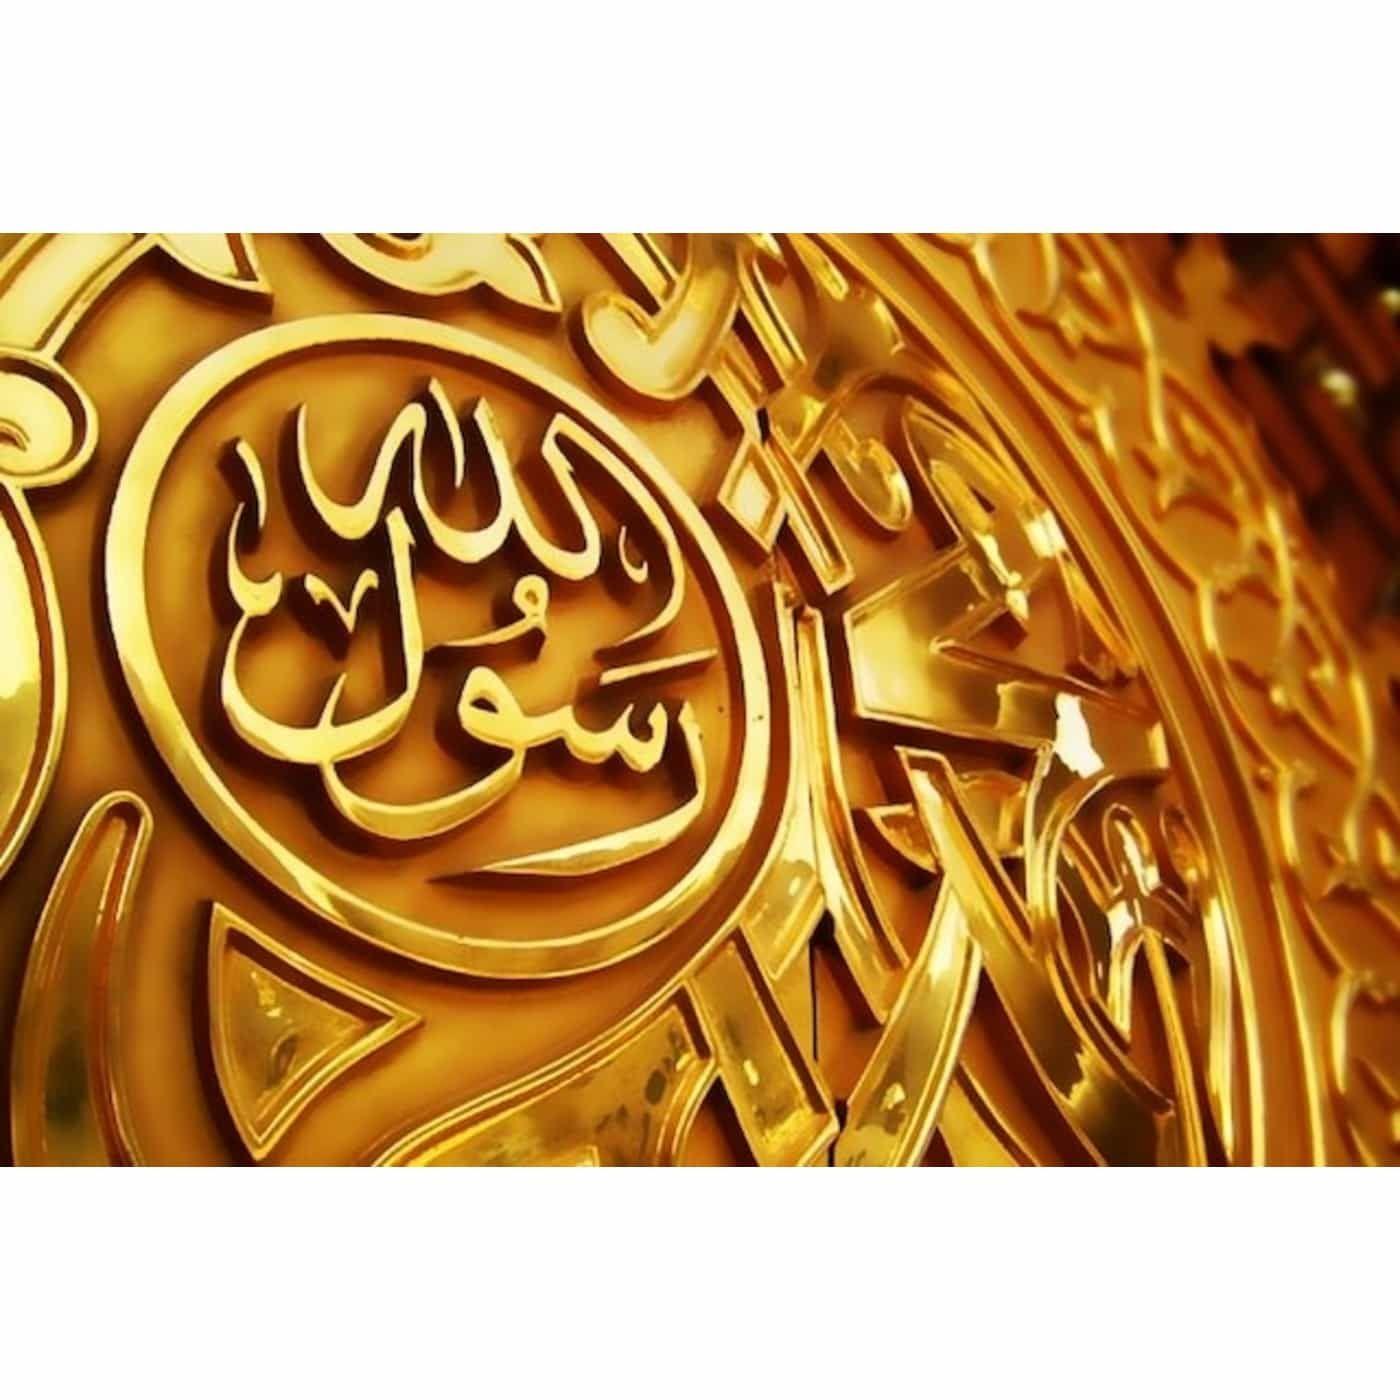 Prophet Muhammad in Quran